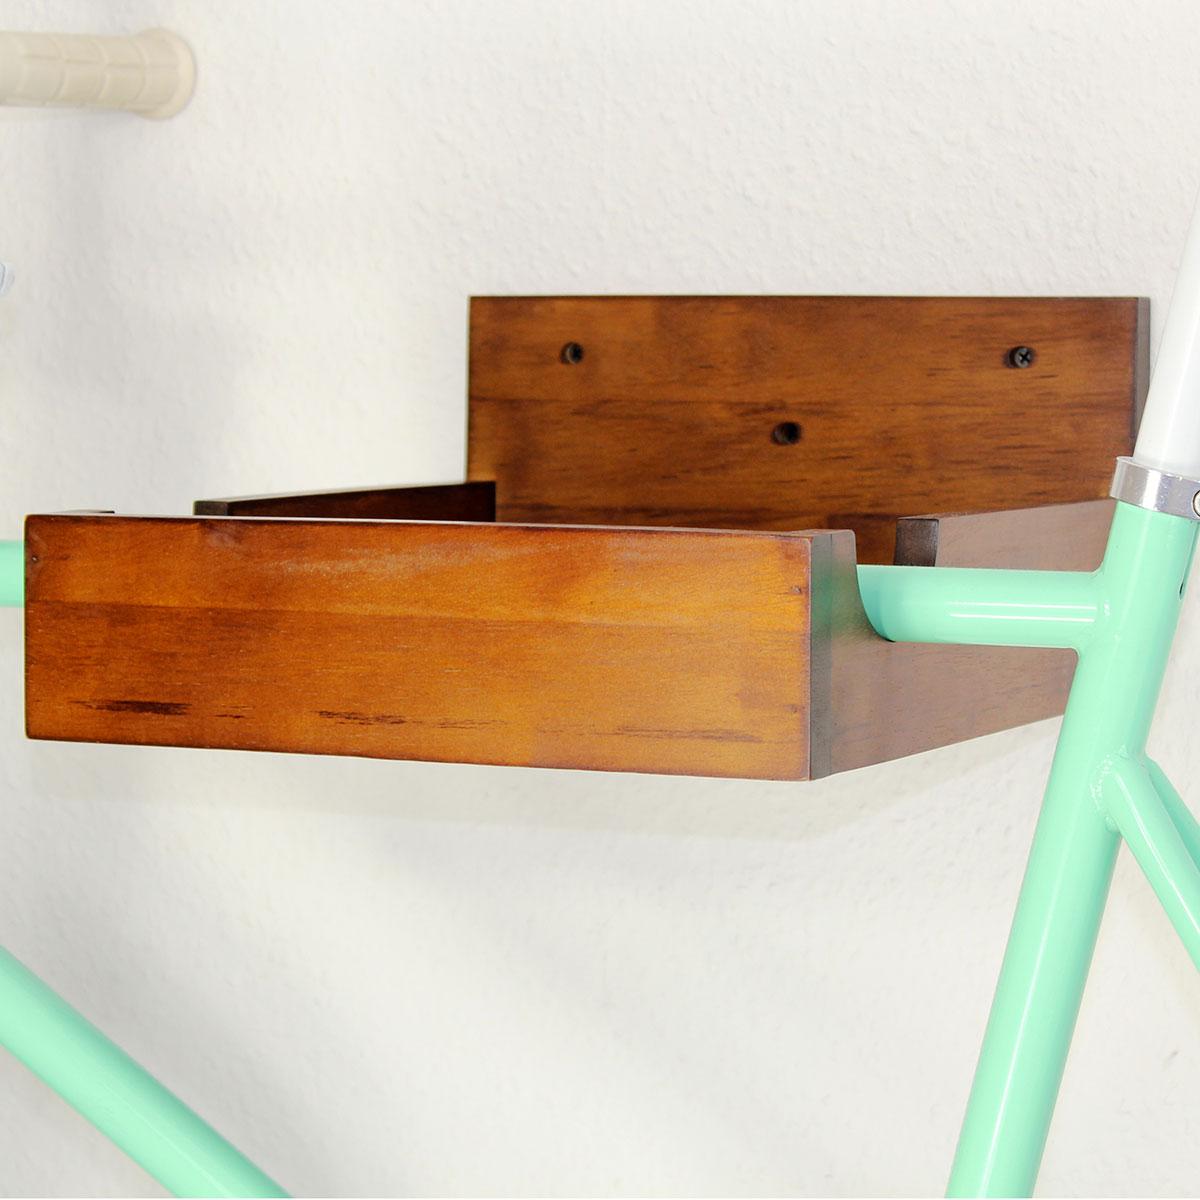 Fahrrad Wandhalterung Rubber Wood, nussbaum – Bild 4